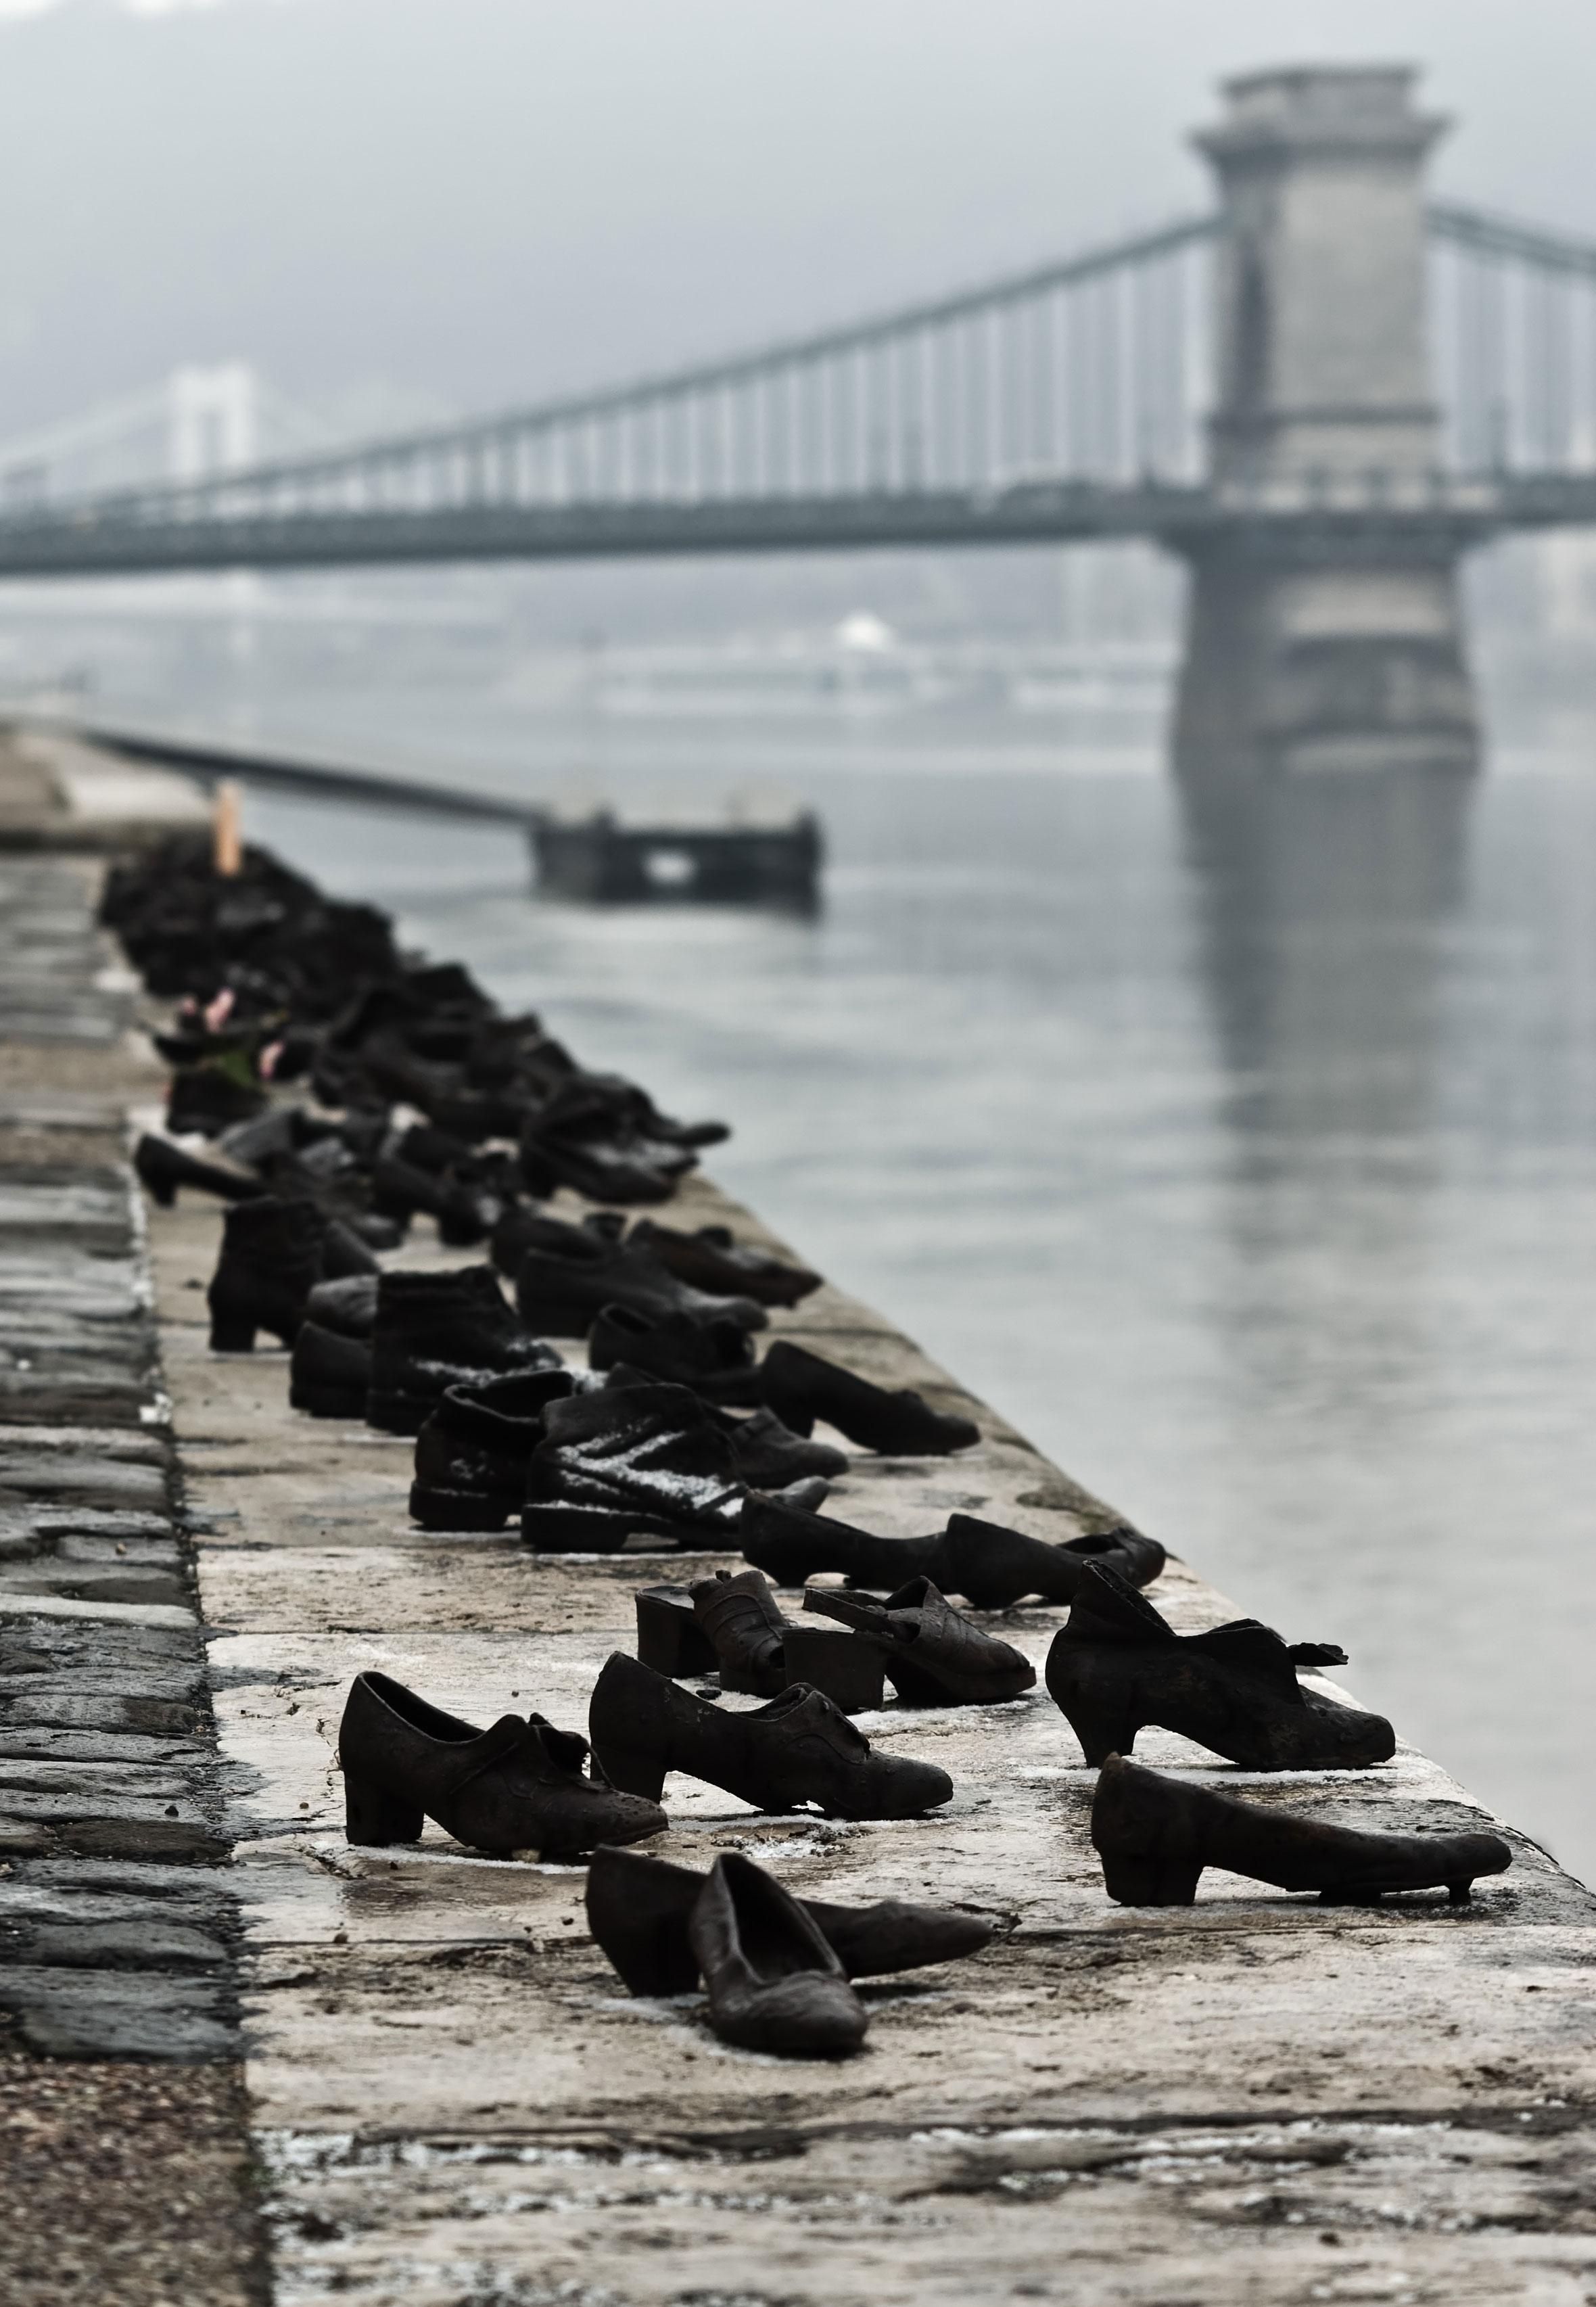 shoes_danube_promenade_imgp1297.jpg